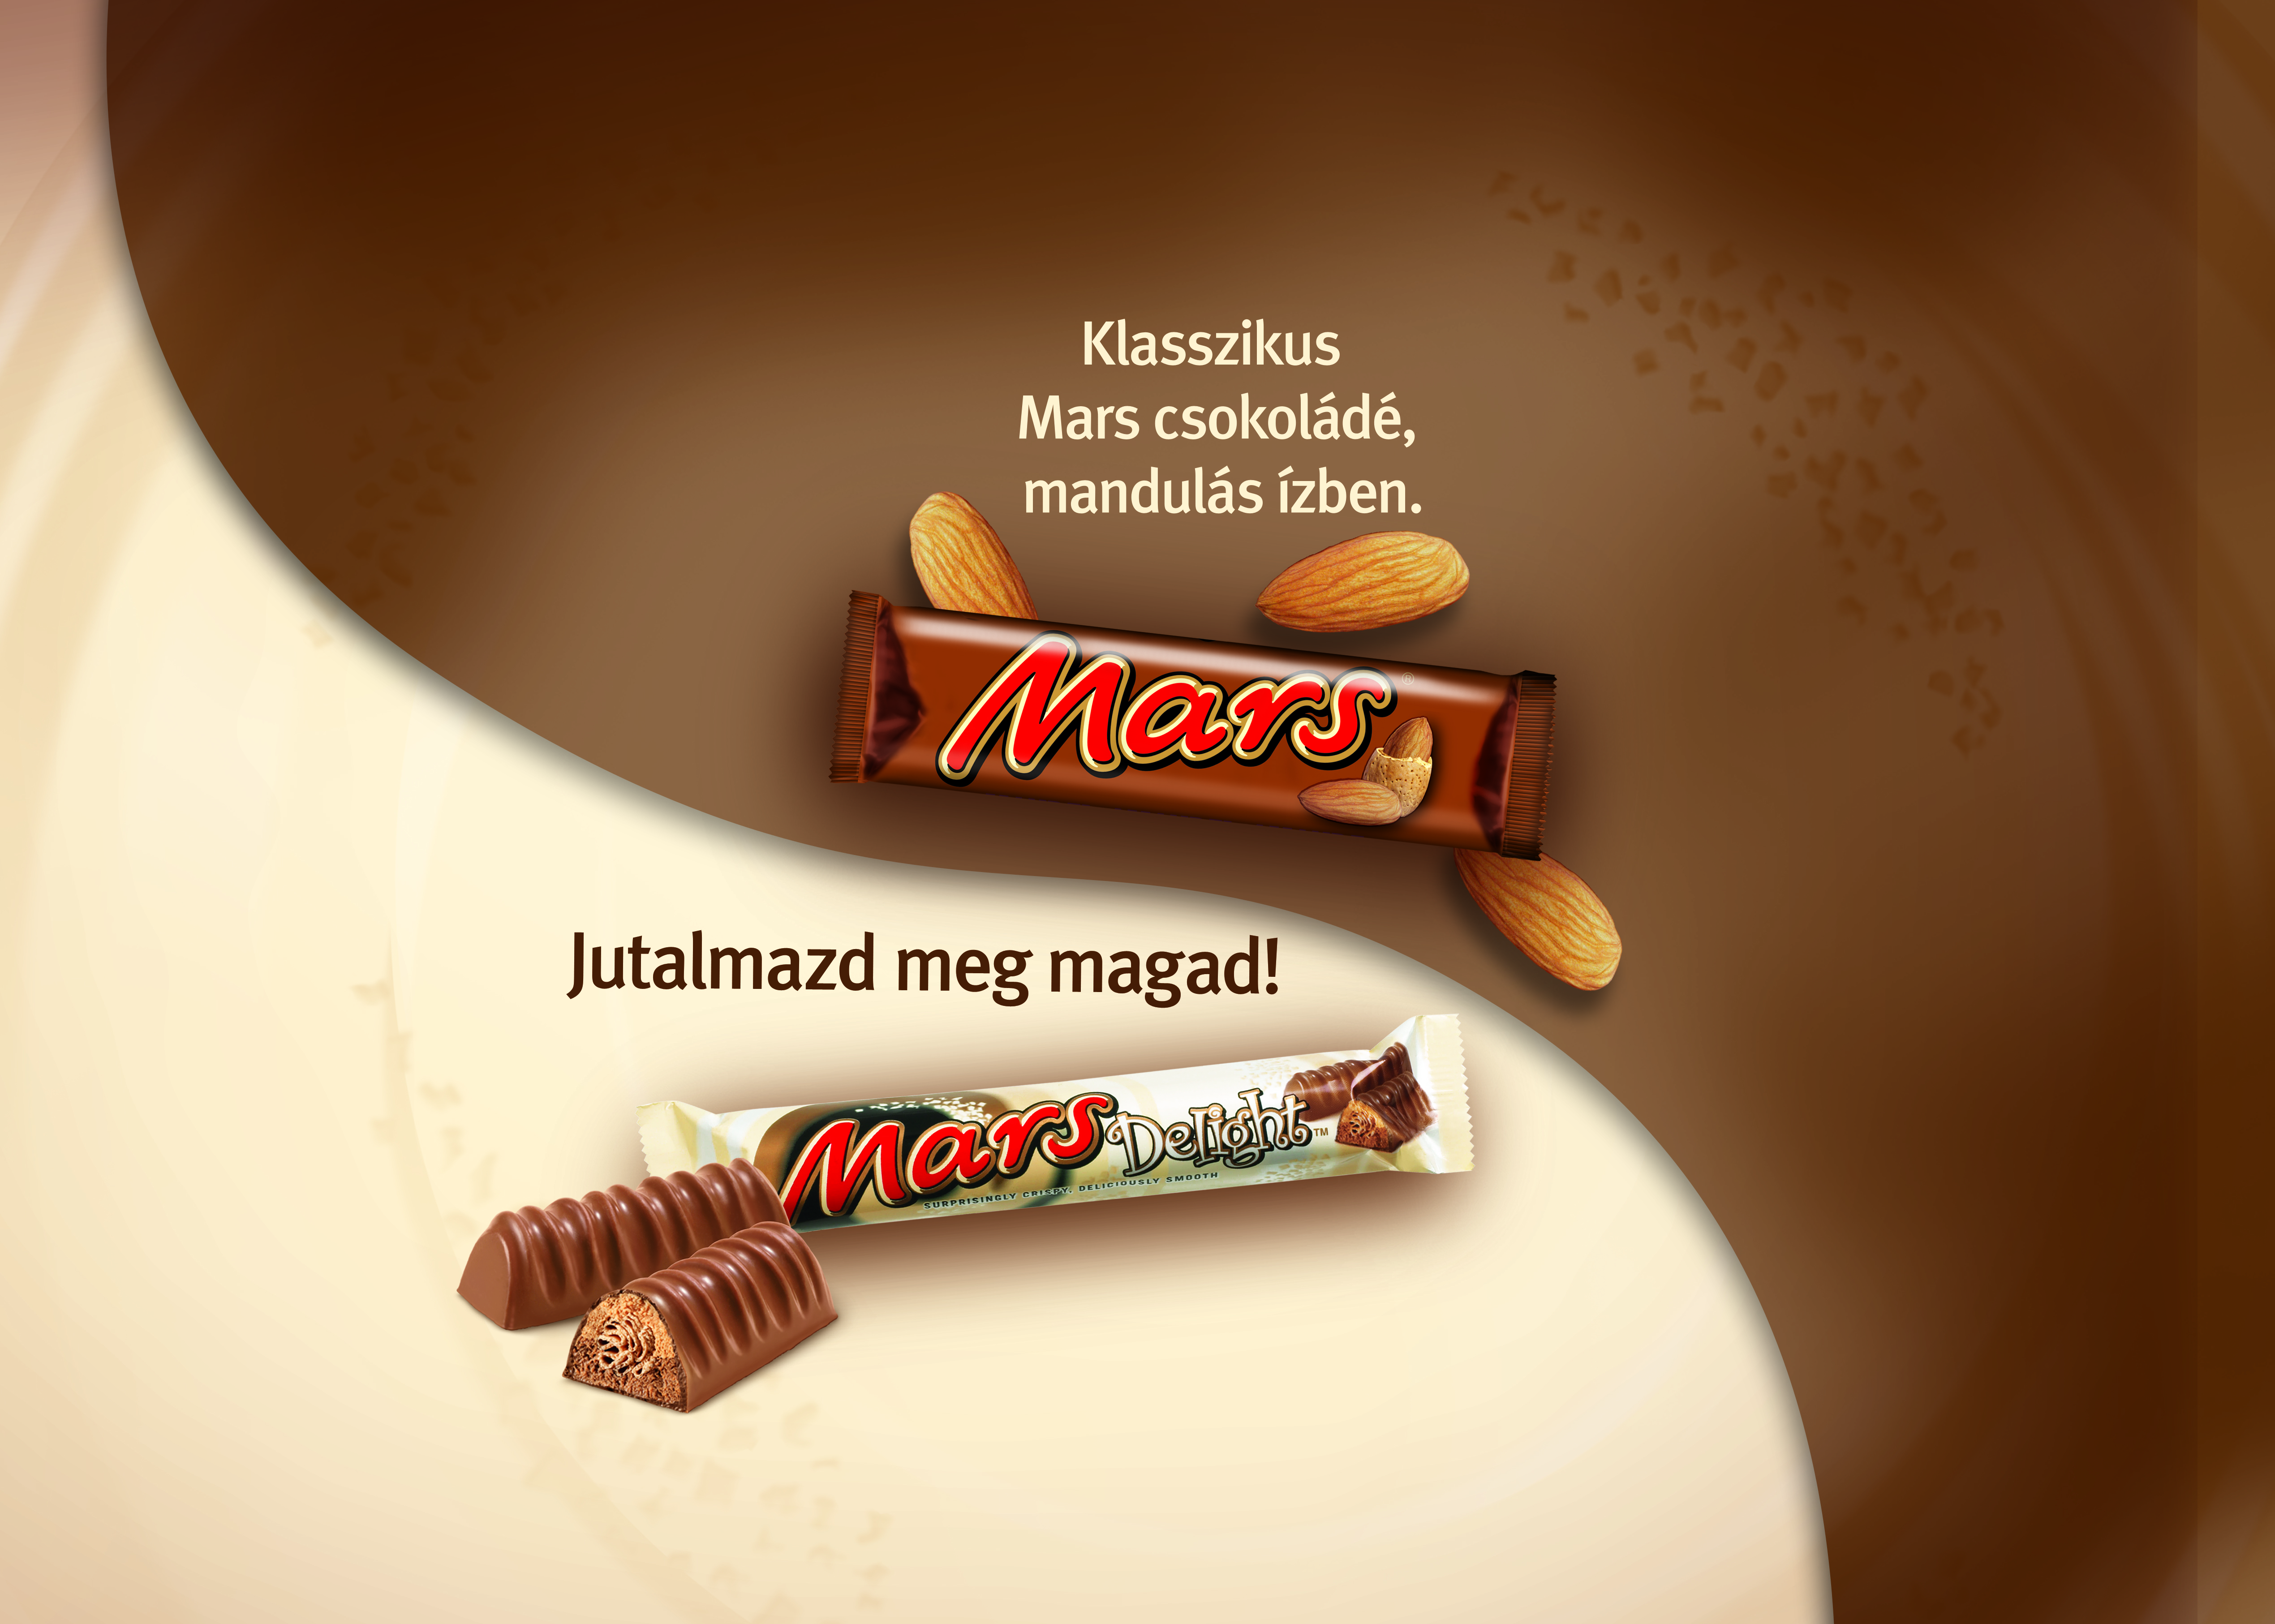 Mars_Almond_KV_A3 copy